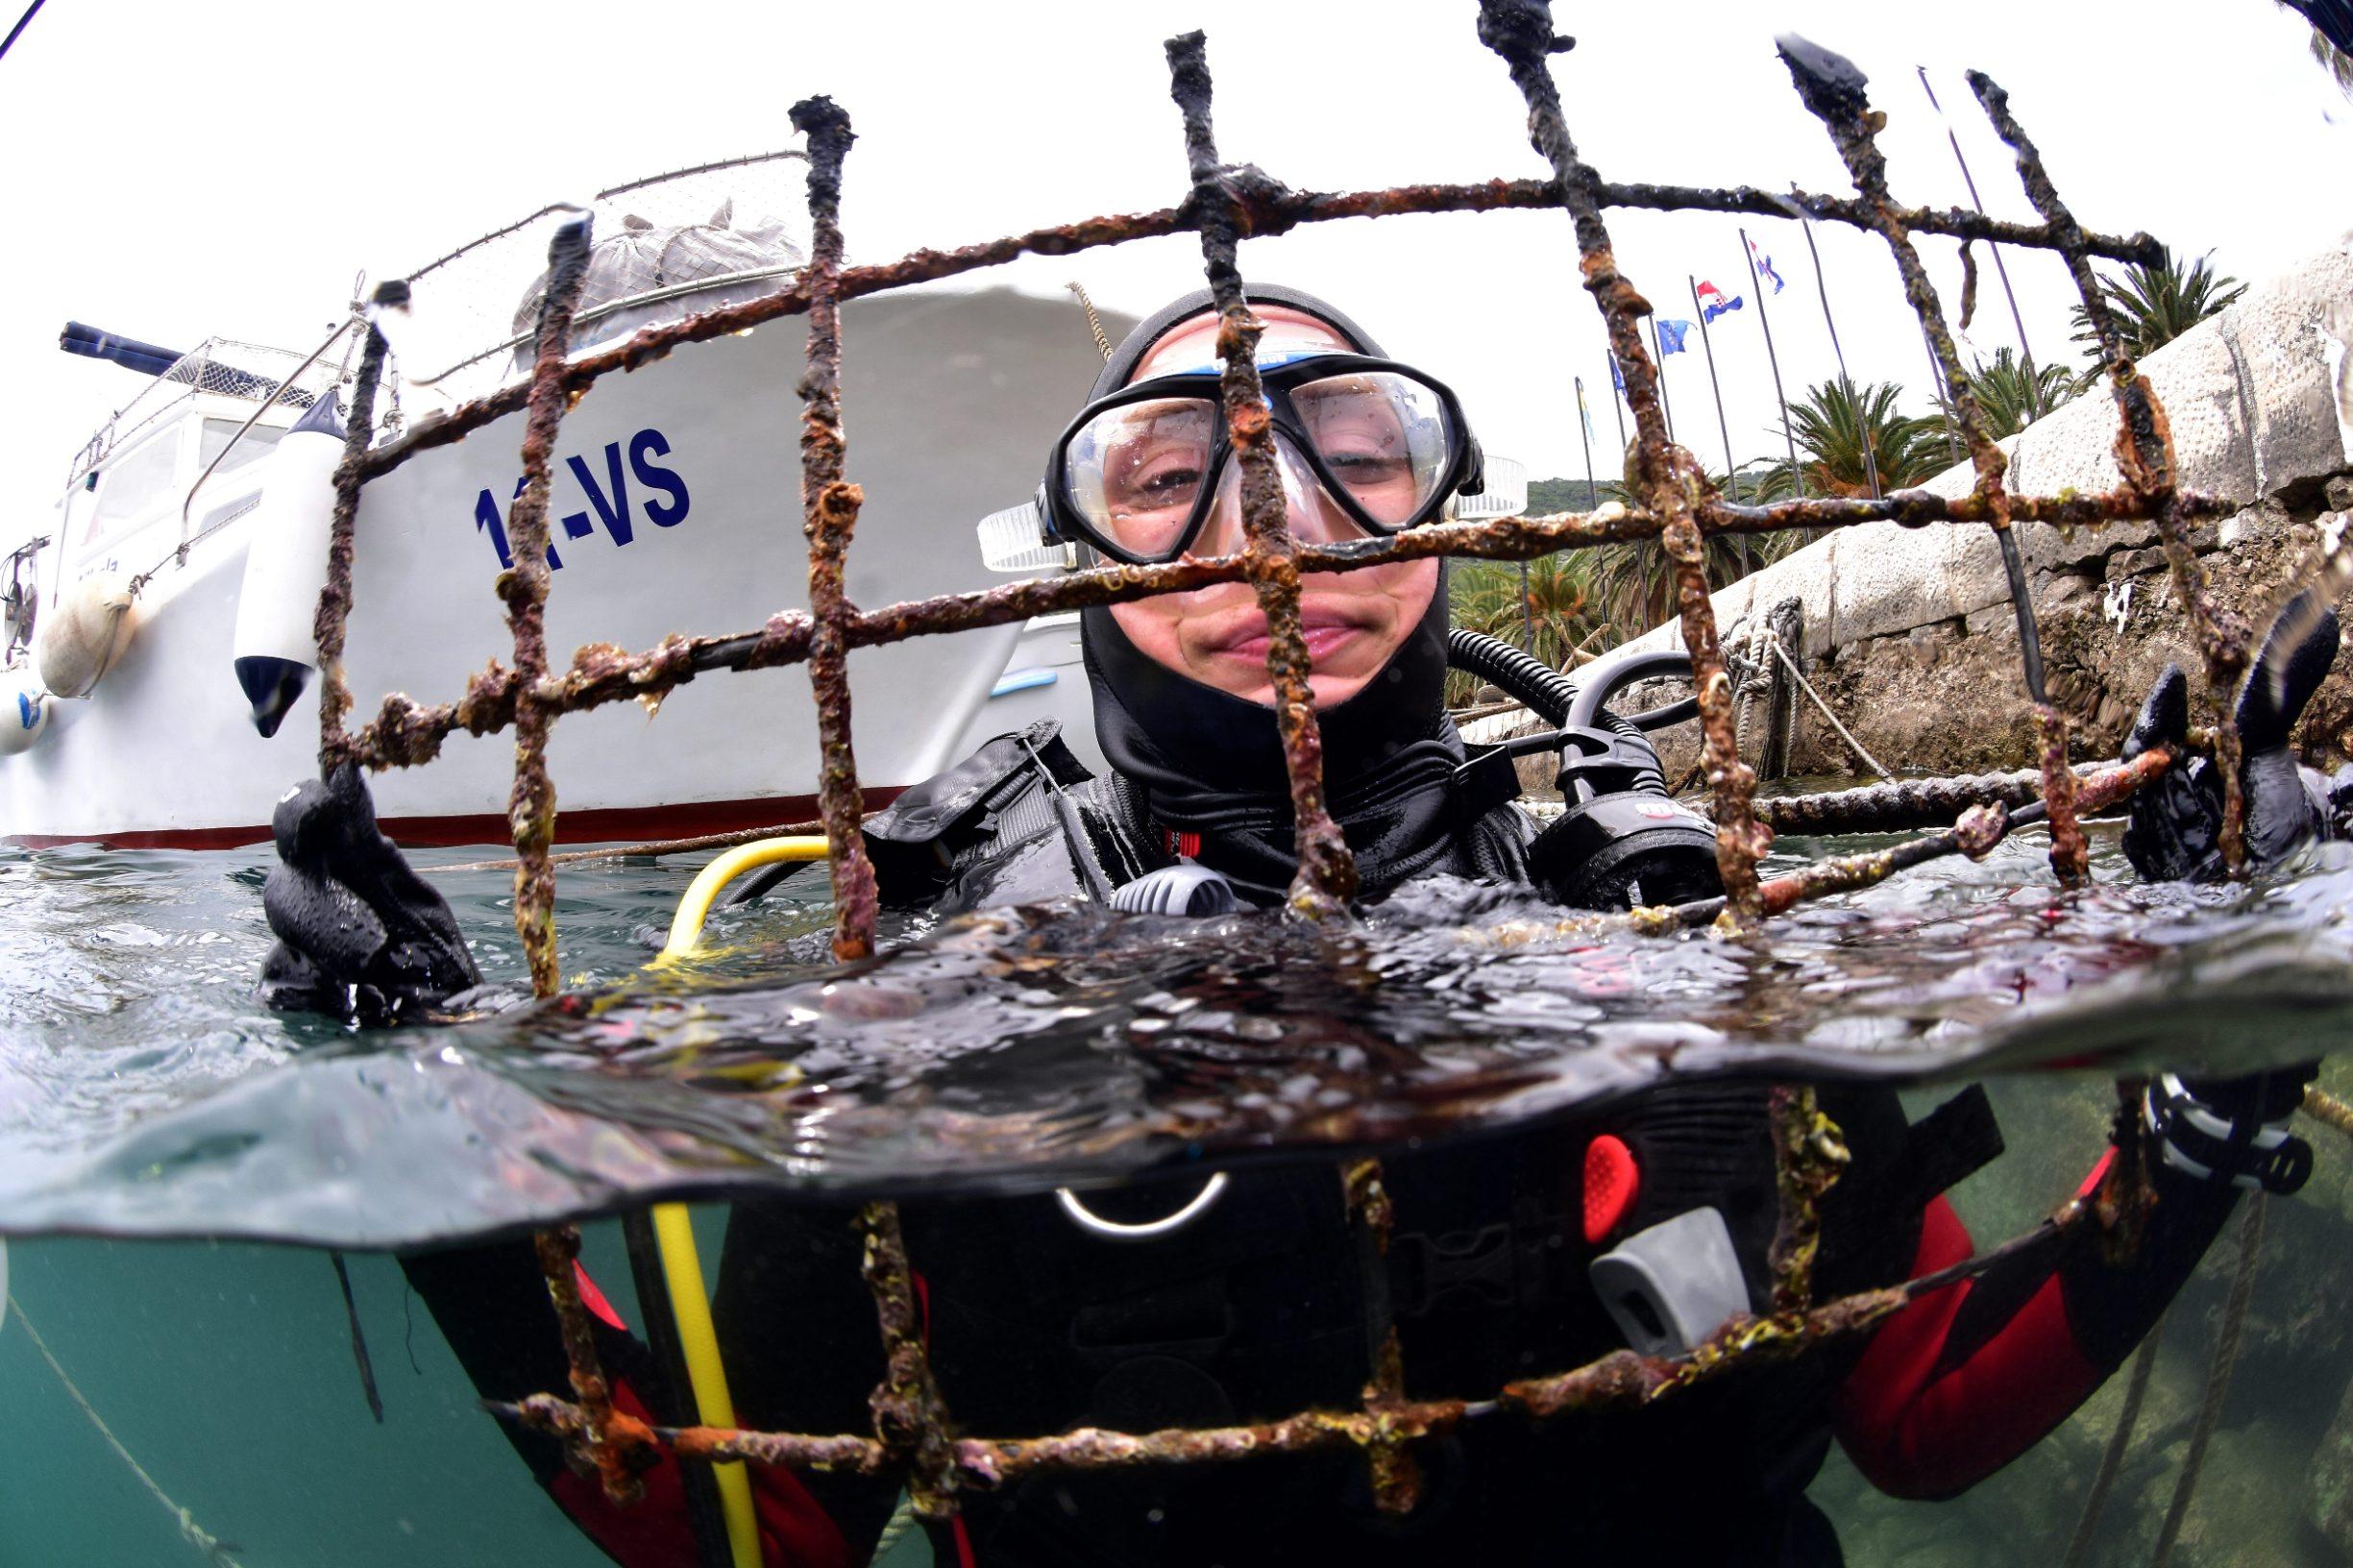 Vis, 230619. Ekoloska akcija ciscenja mora Think Green u organizaciji ronilackog kluba Roniti se mora i udruge Svima u kojoj je sudjelovalo 25 ronioca i nekolicina volontera na obali. Foto: Srdjan Vrancic / CROPIX